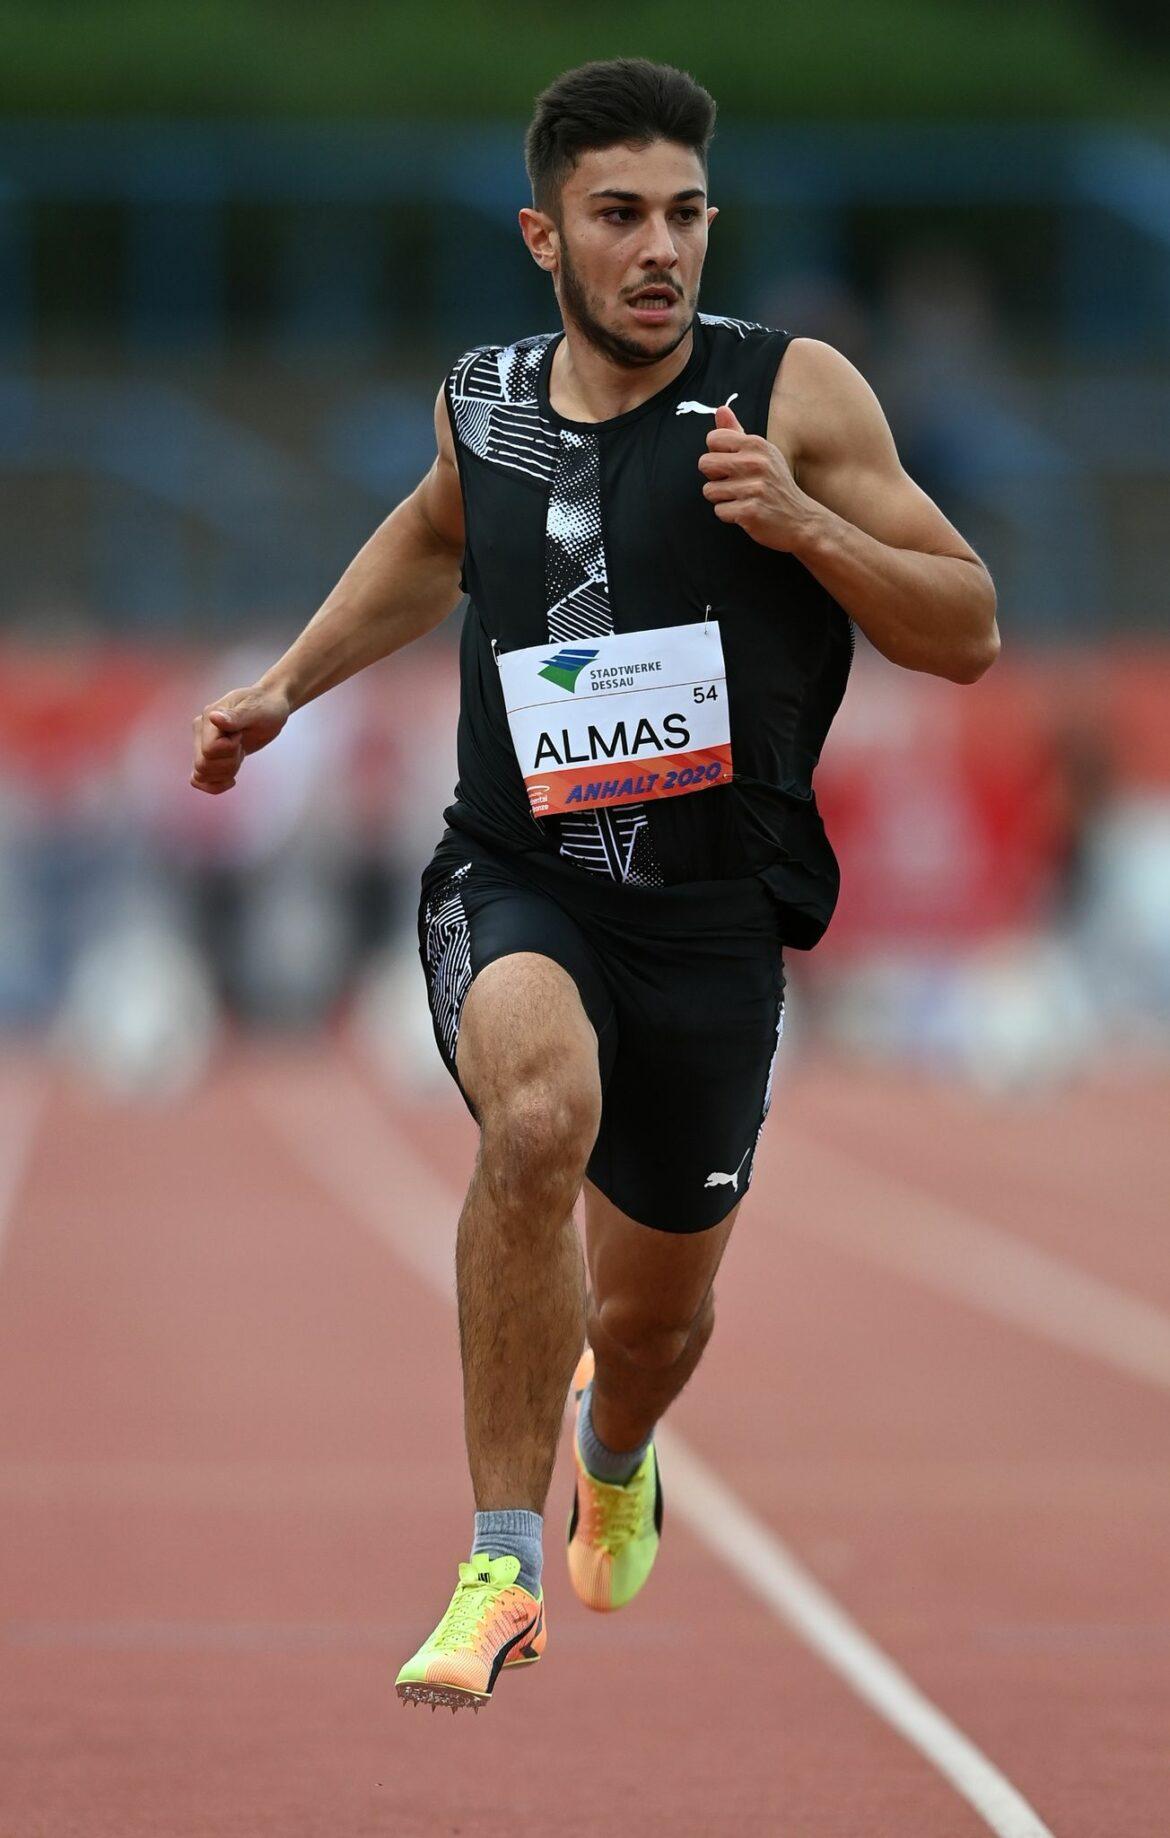 Letztjähriger 100-Meter-Meister Almas fehlt in Braunschweig